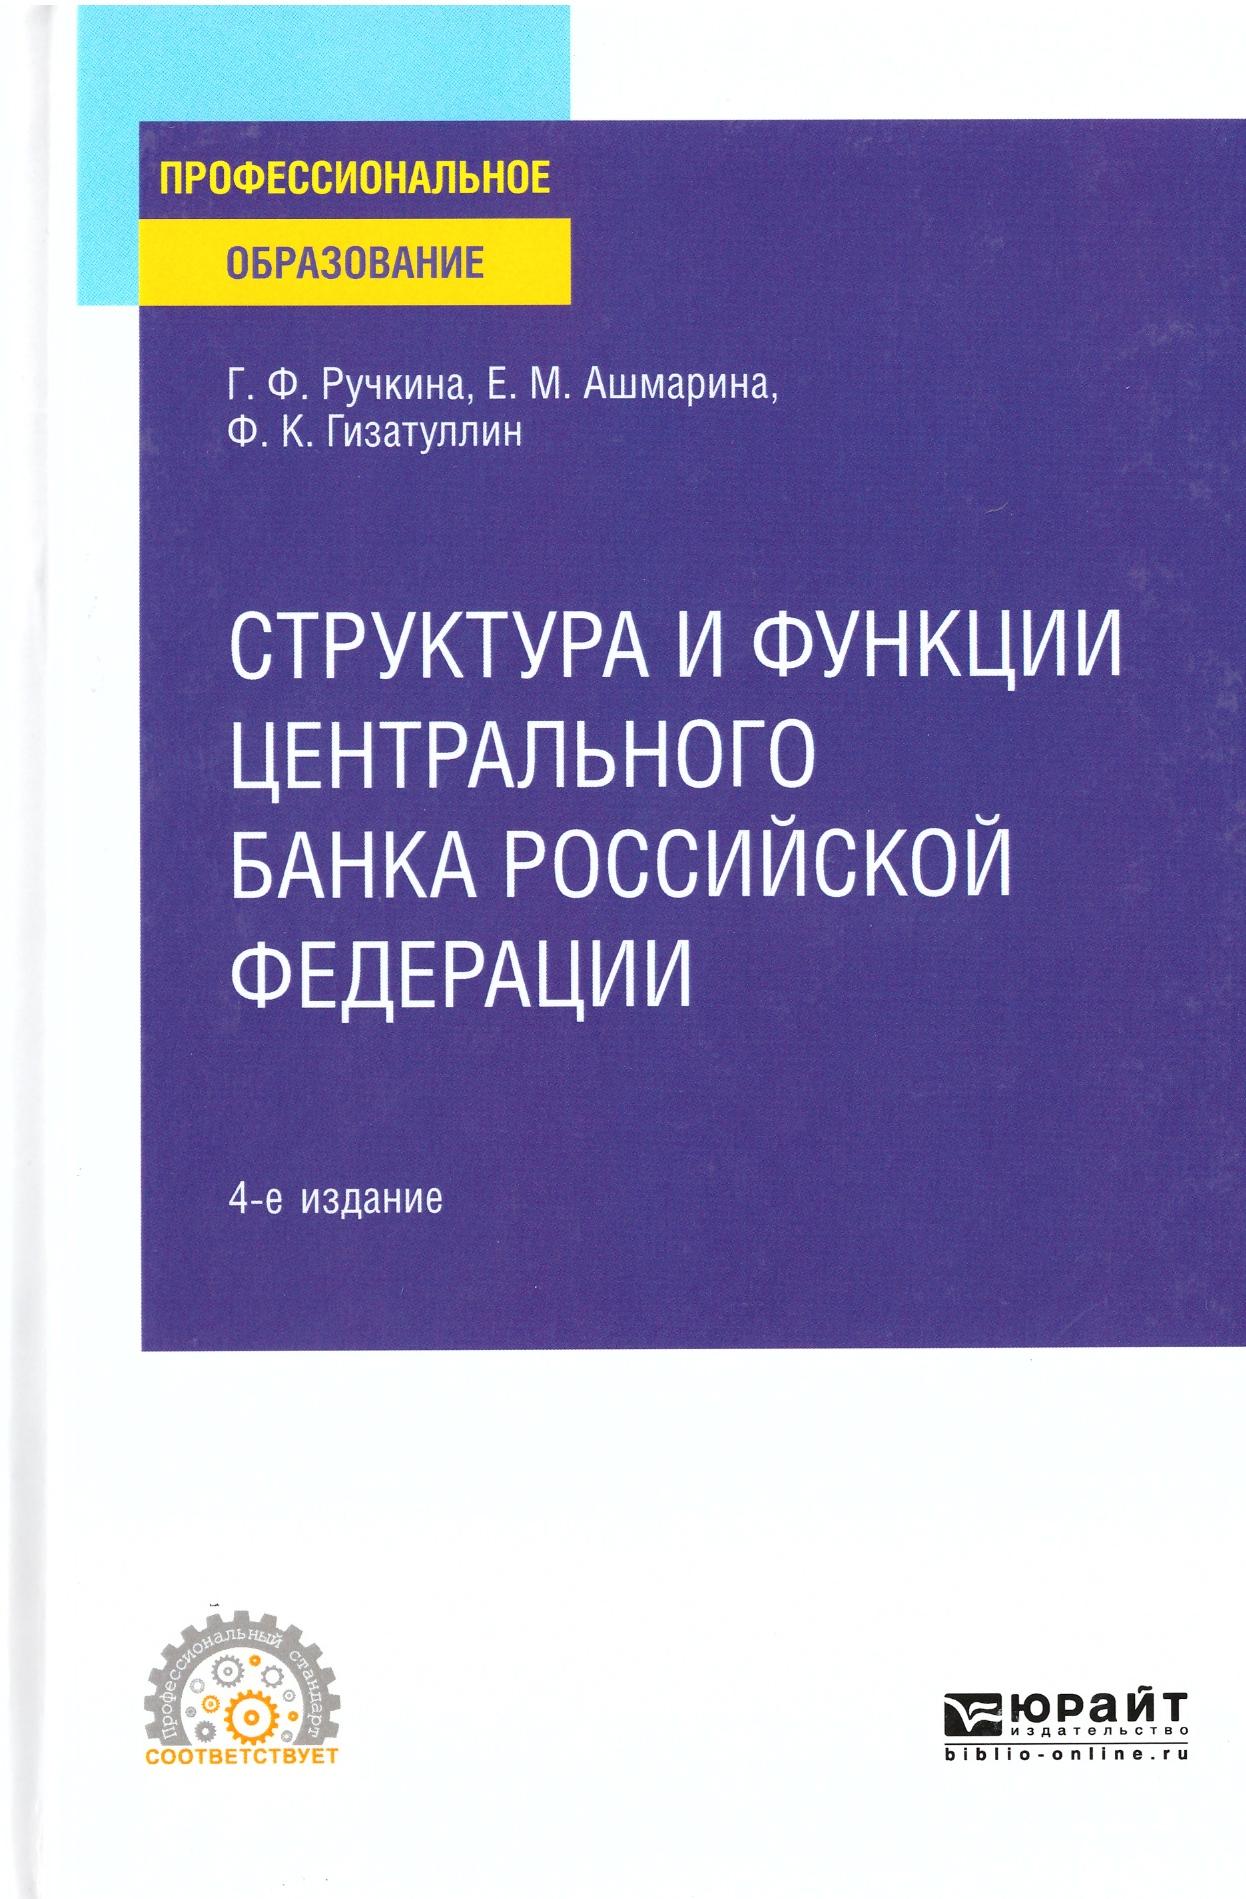 Структура и функции Центрального банка Российской Федерации